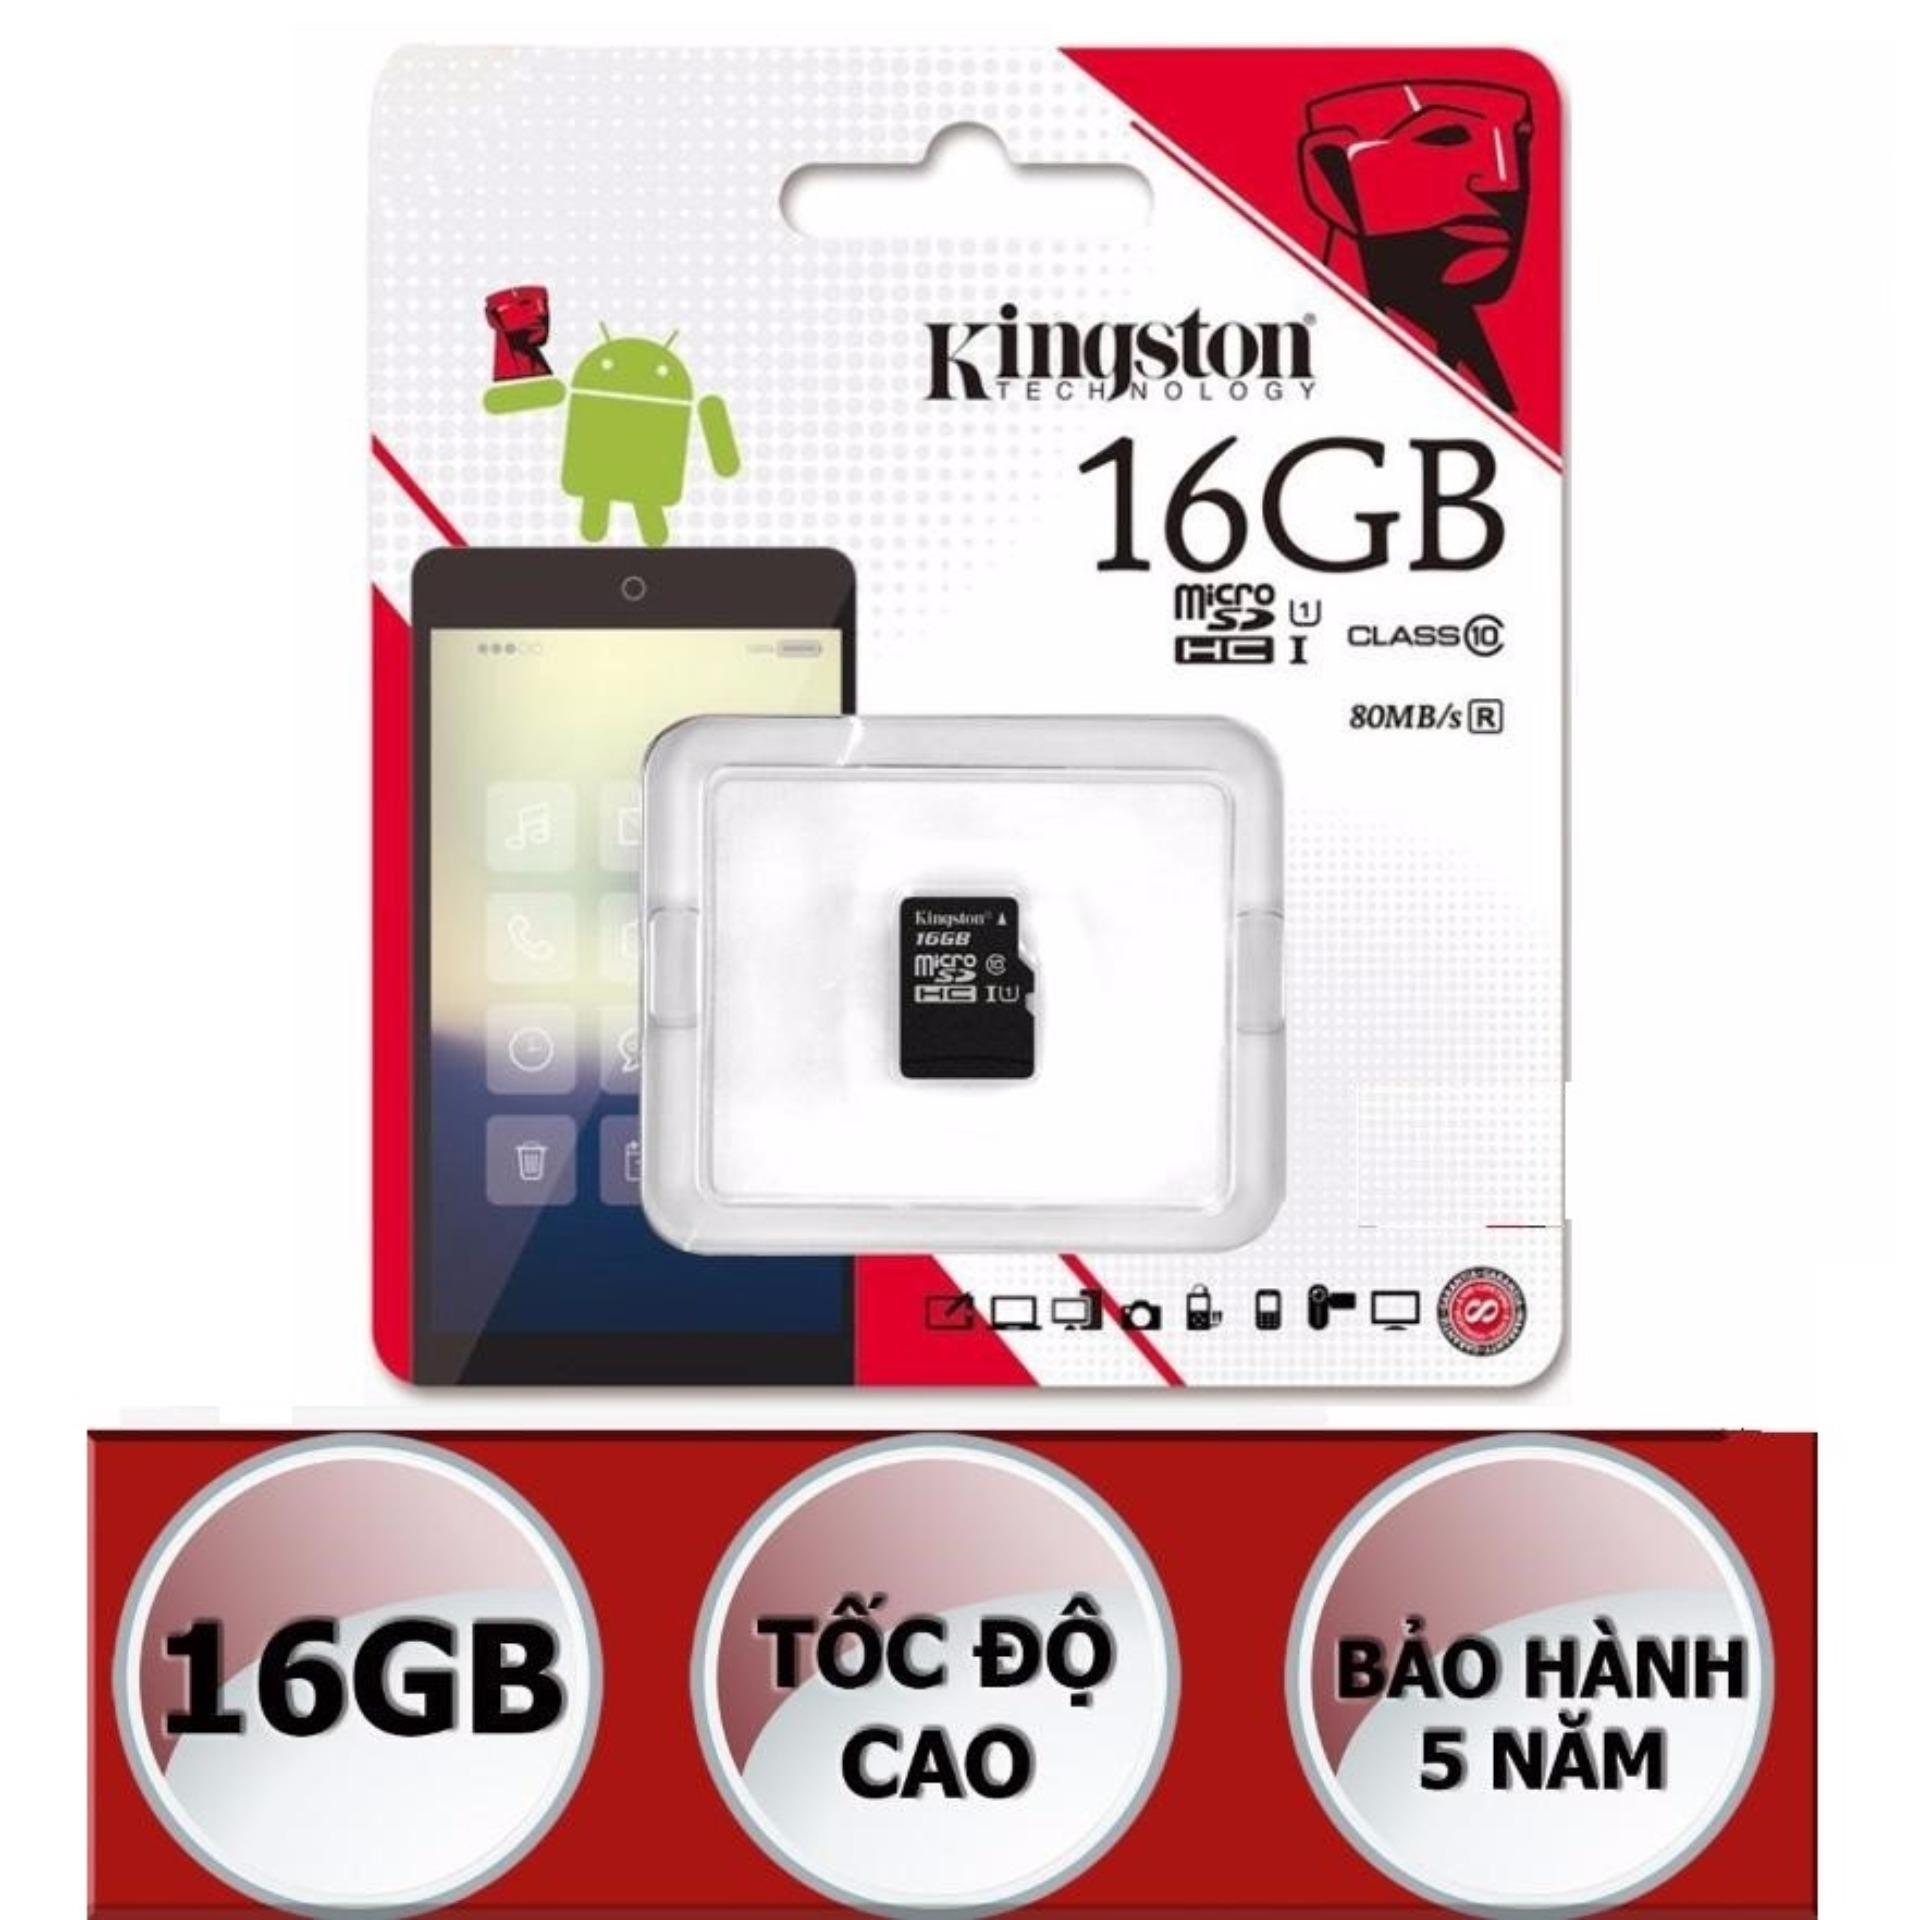 Thẻ nhớ microSDHC Kingston 16GB Class 10 U1 80Mb/s (Đen)